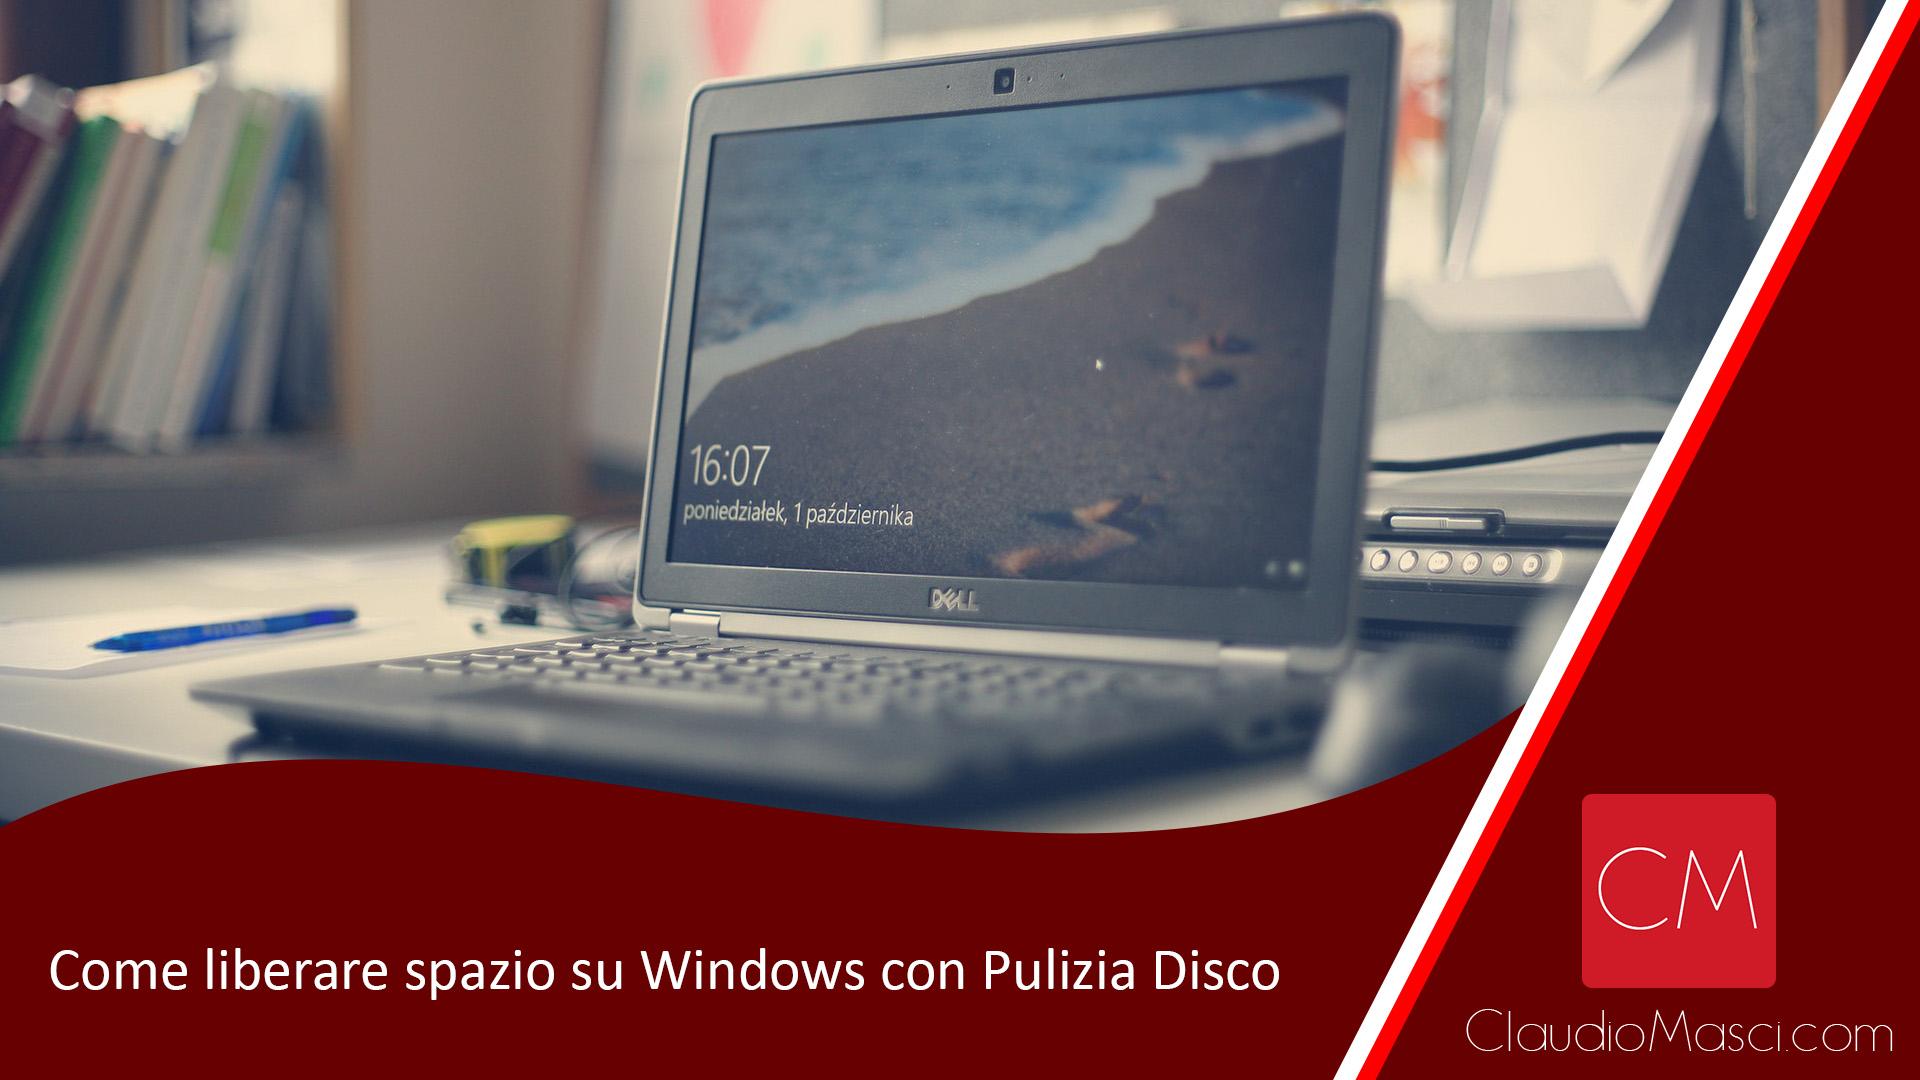 Liberare spazio su Windows con Pulizia Disco